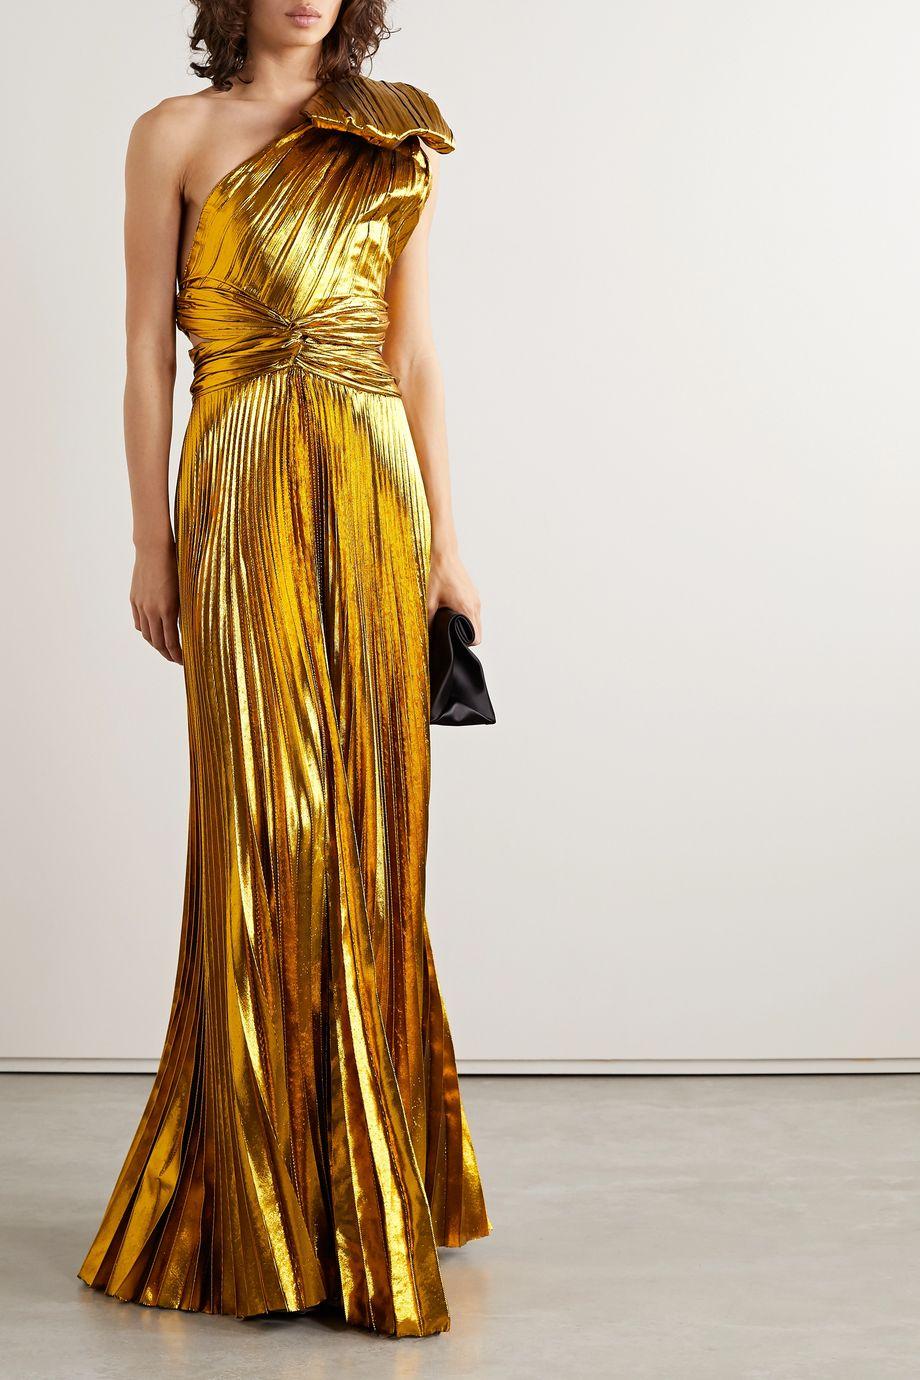 TRE by Natalie Ratabesi Bow-embellished one-shoulder plissé-lamé gown